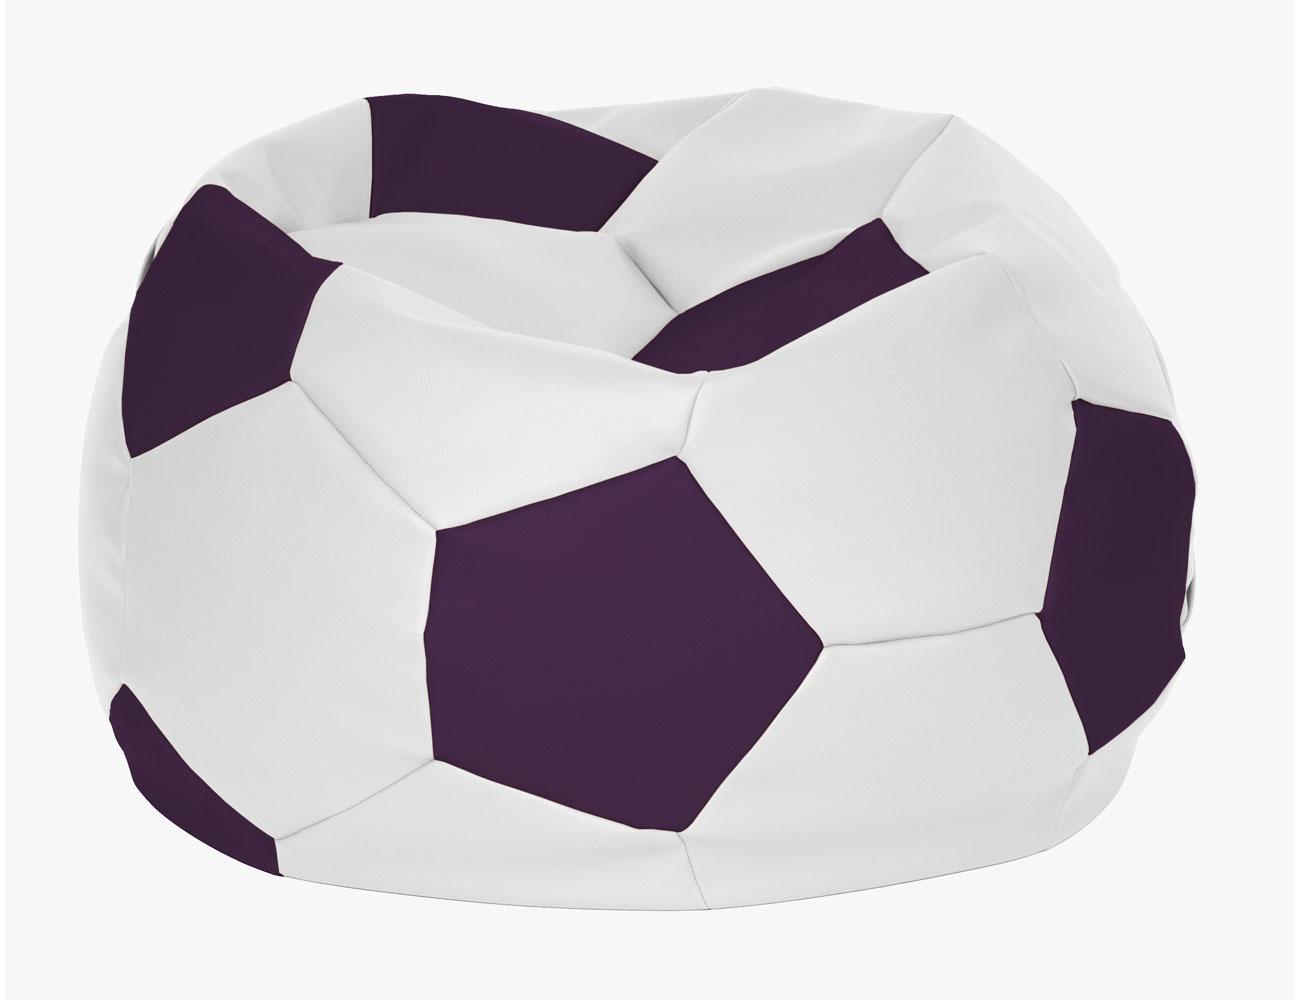 Puff pelota futbol blanco morado